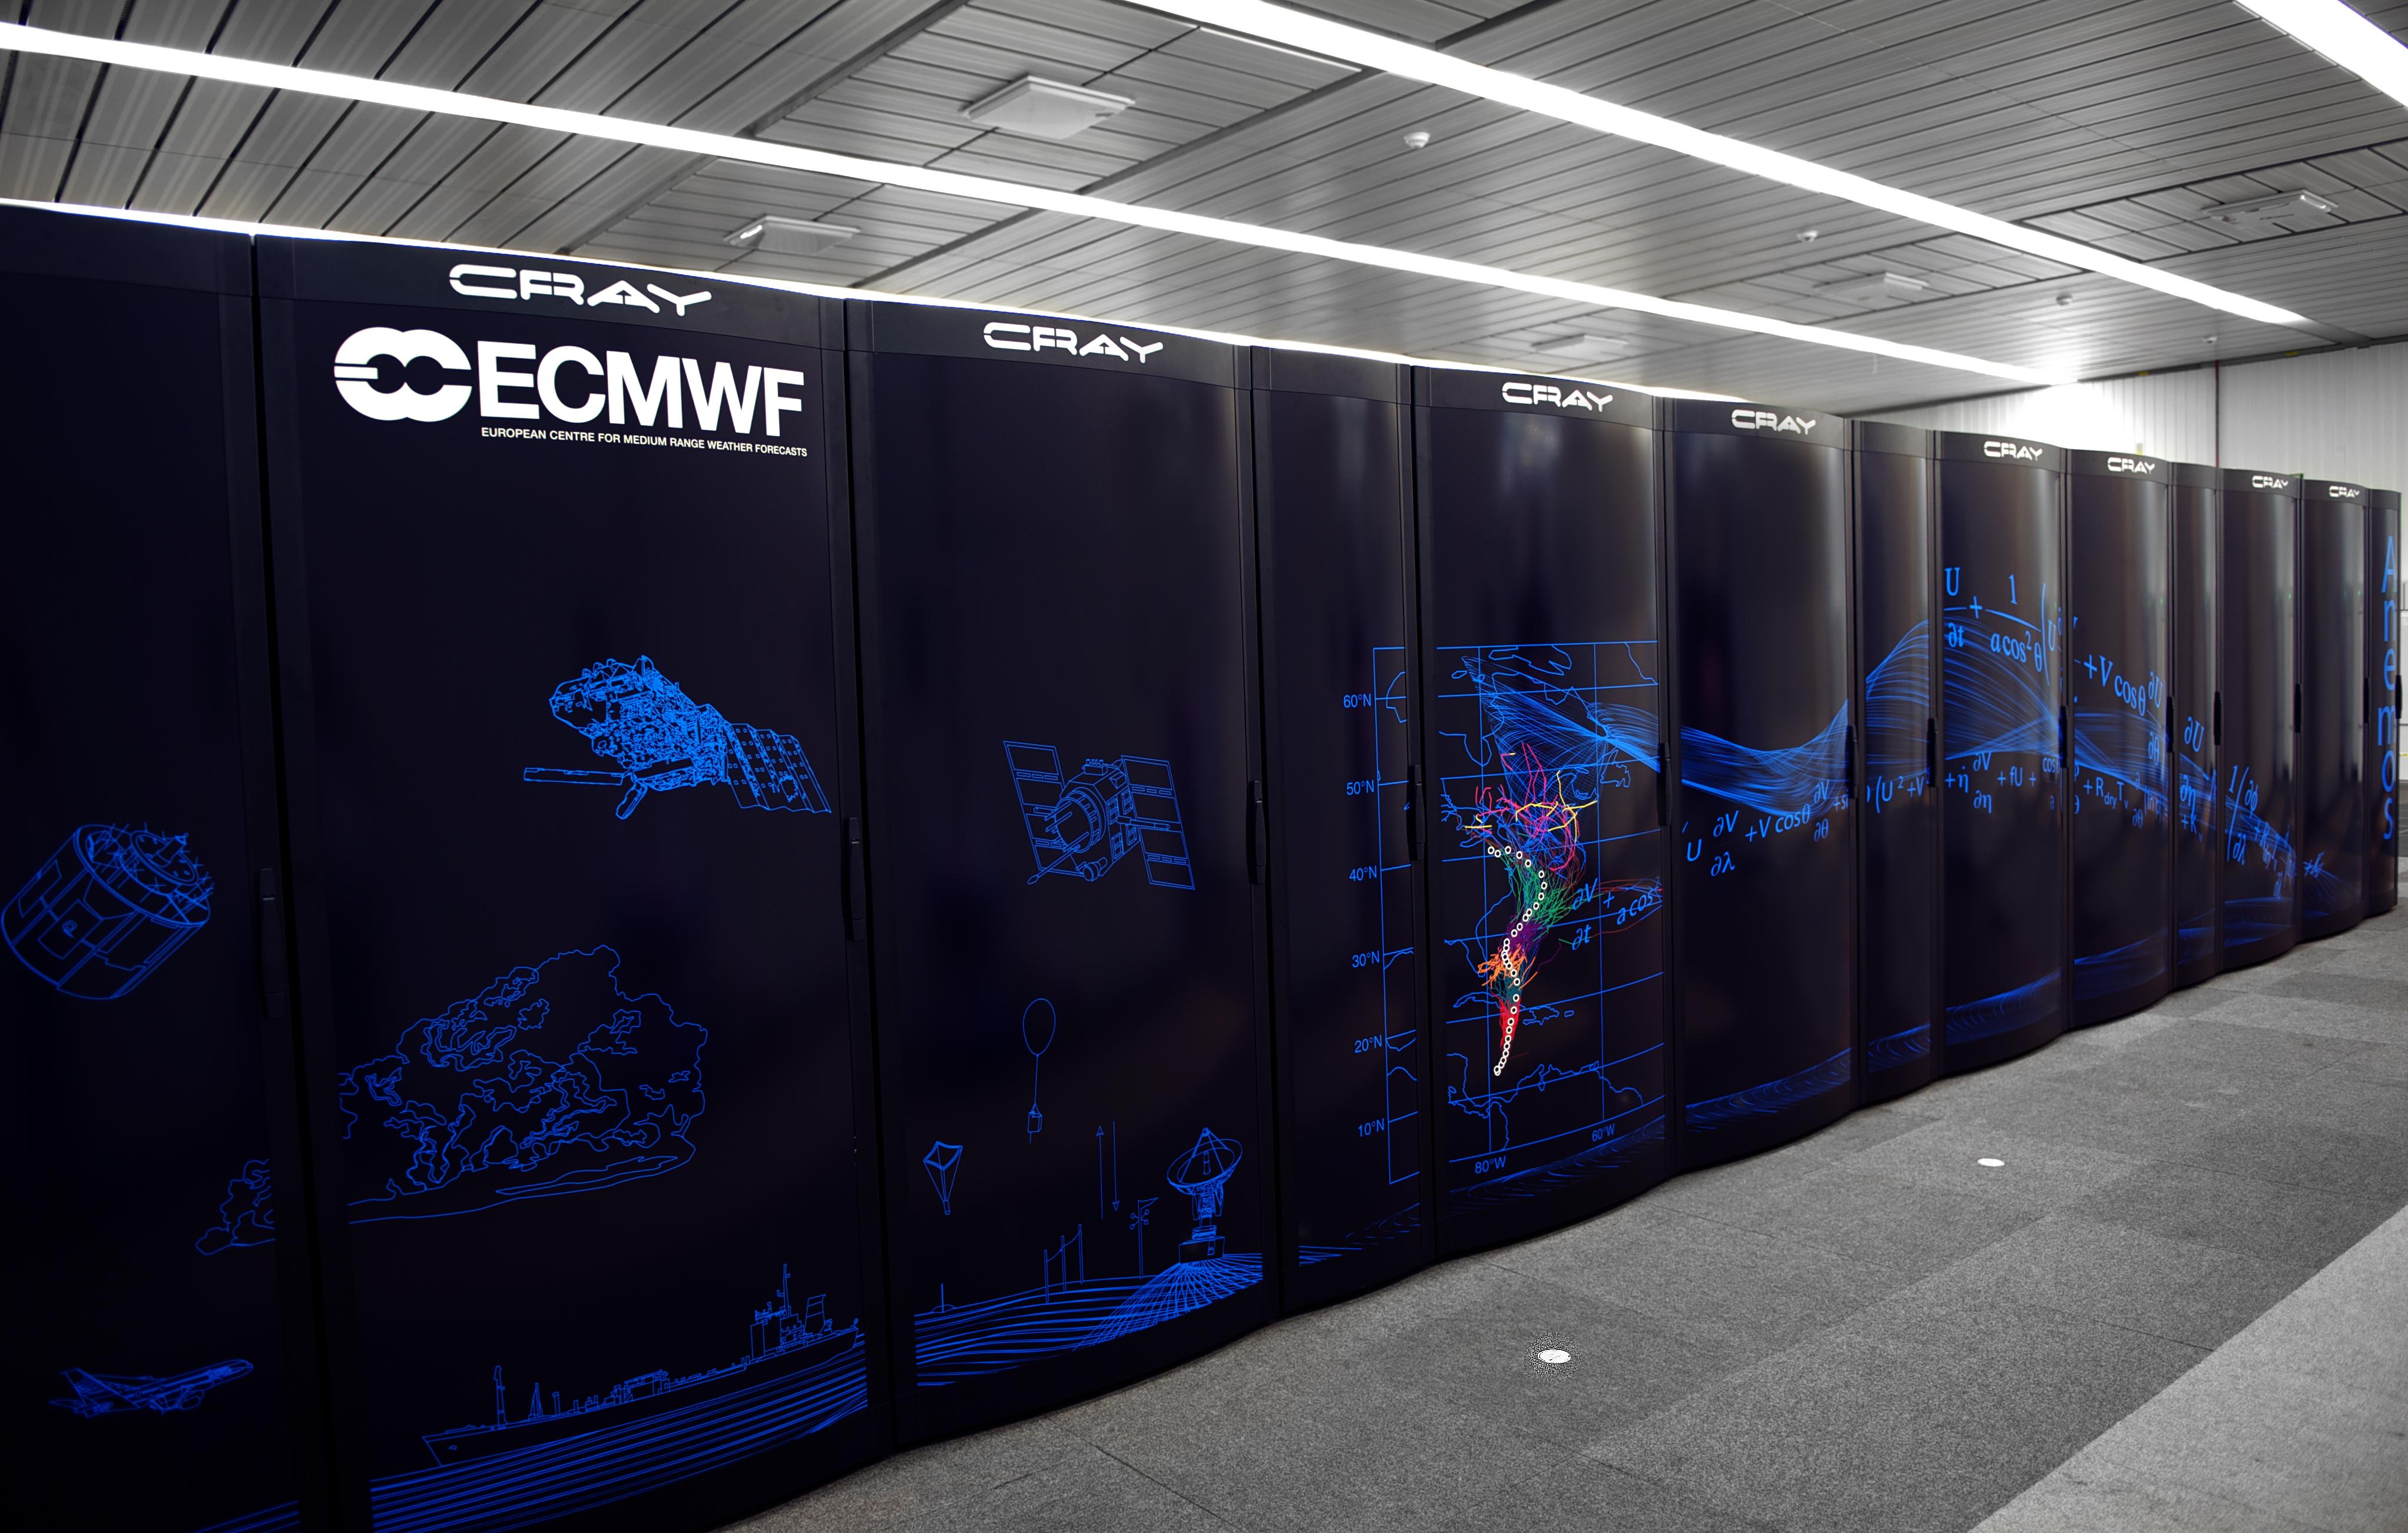 Cray Super Computer ECMWF panel design